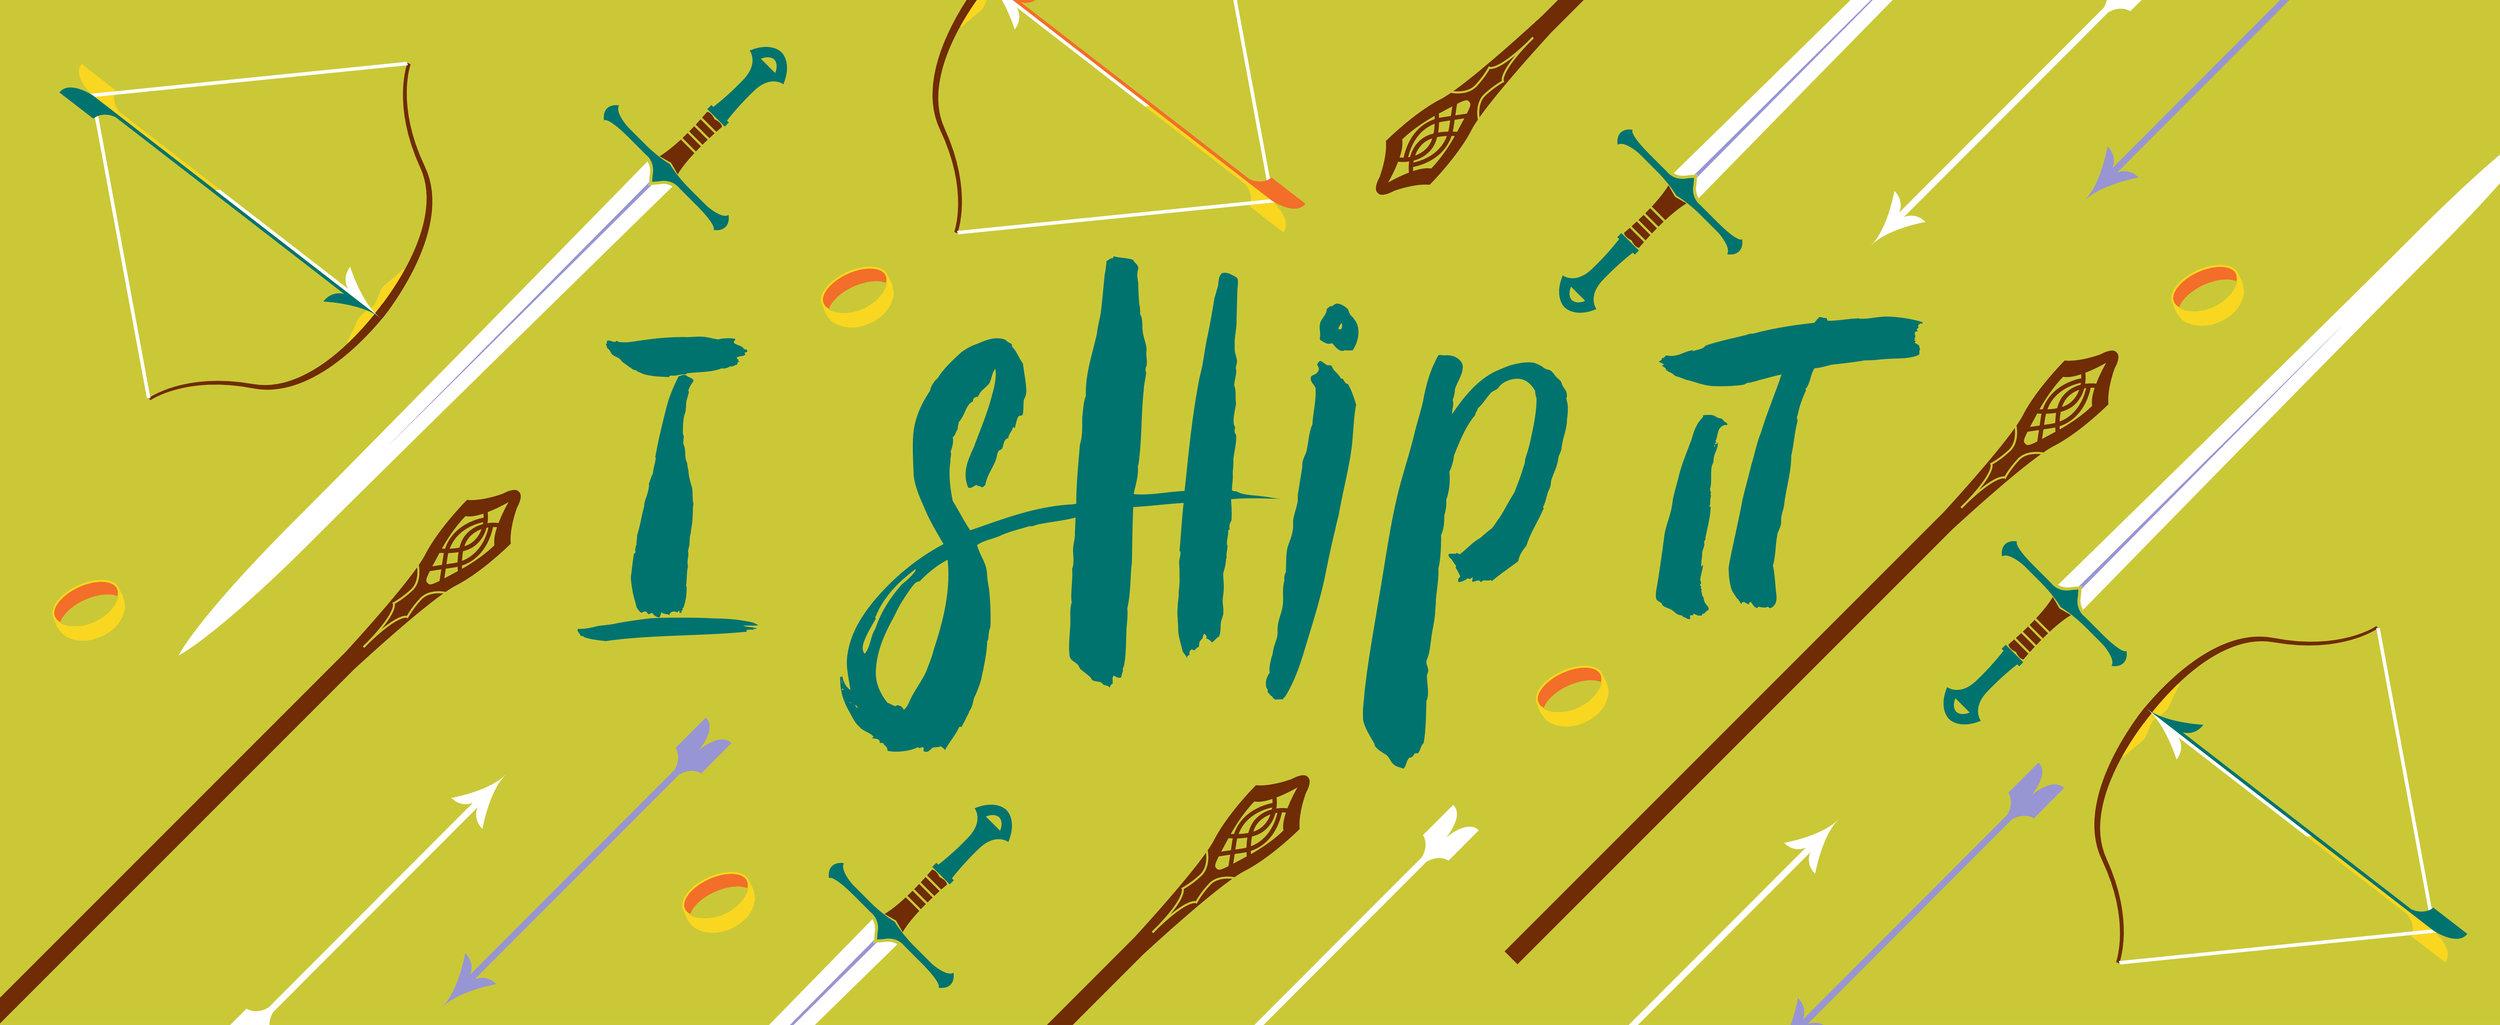 I Ship It-14.jpg